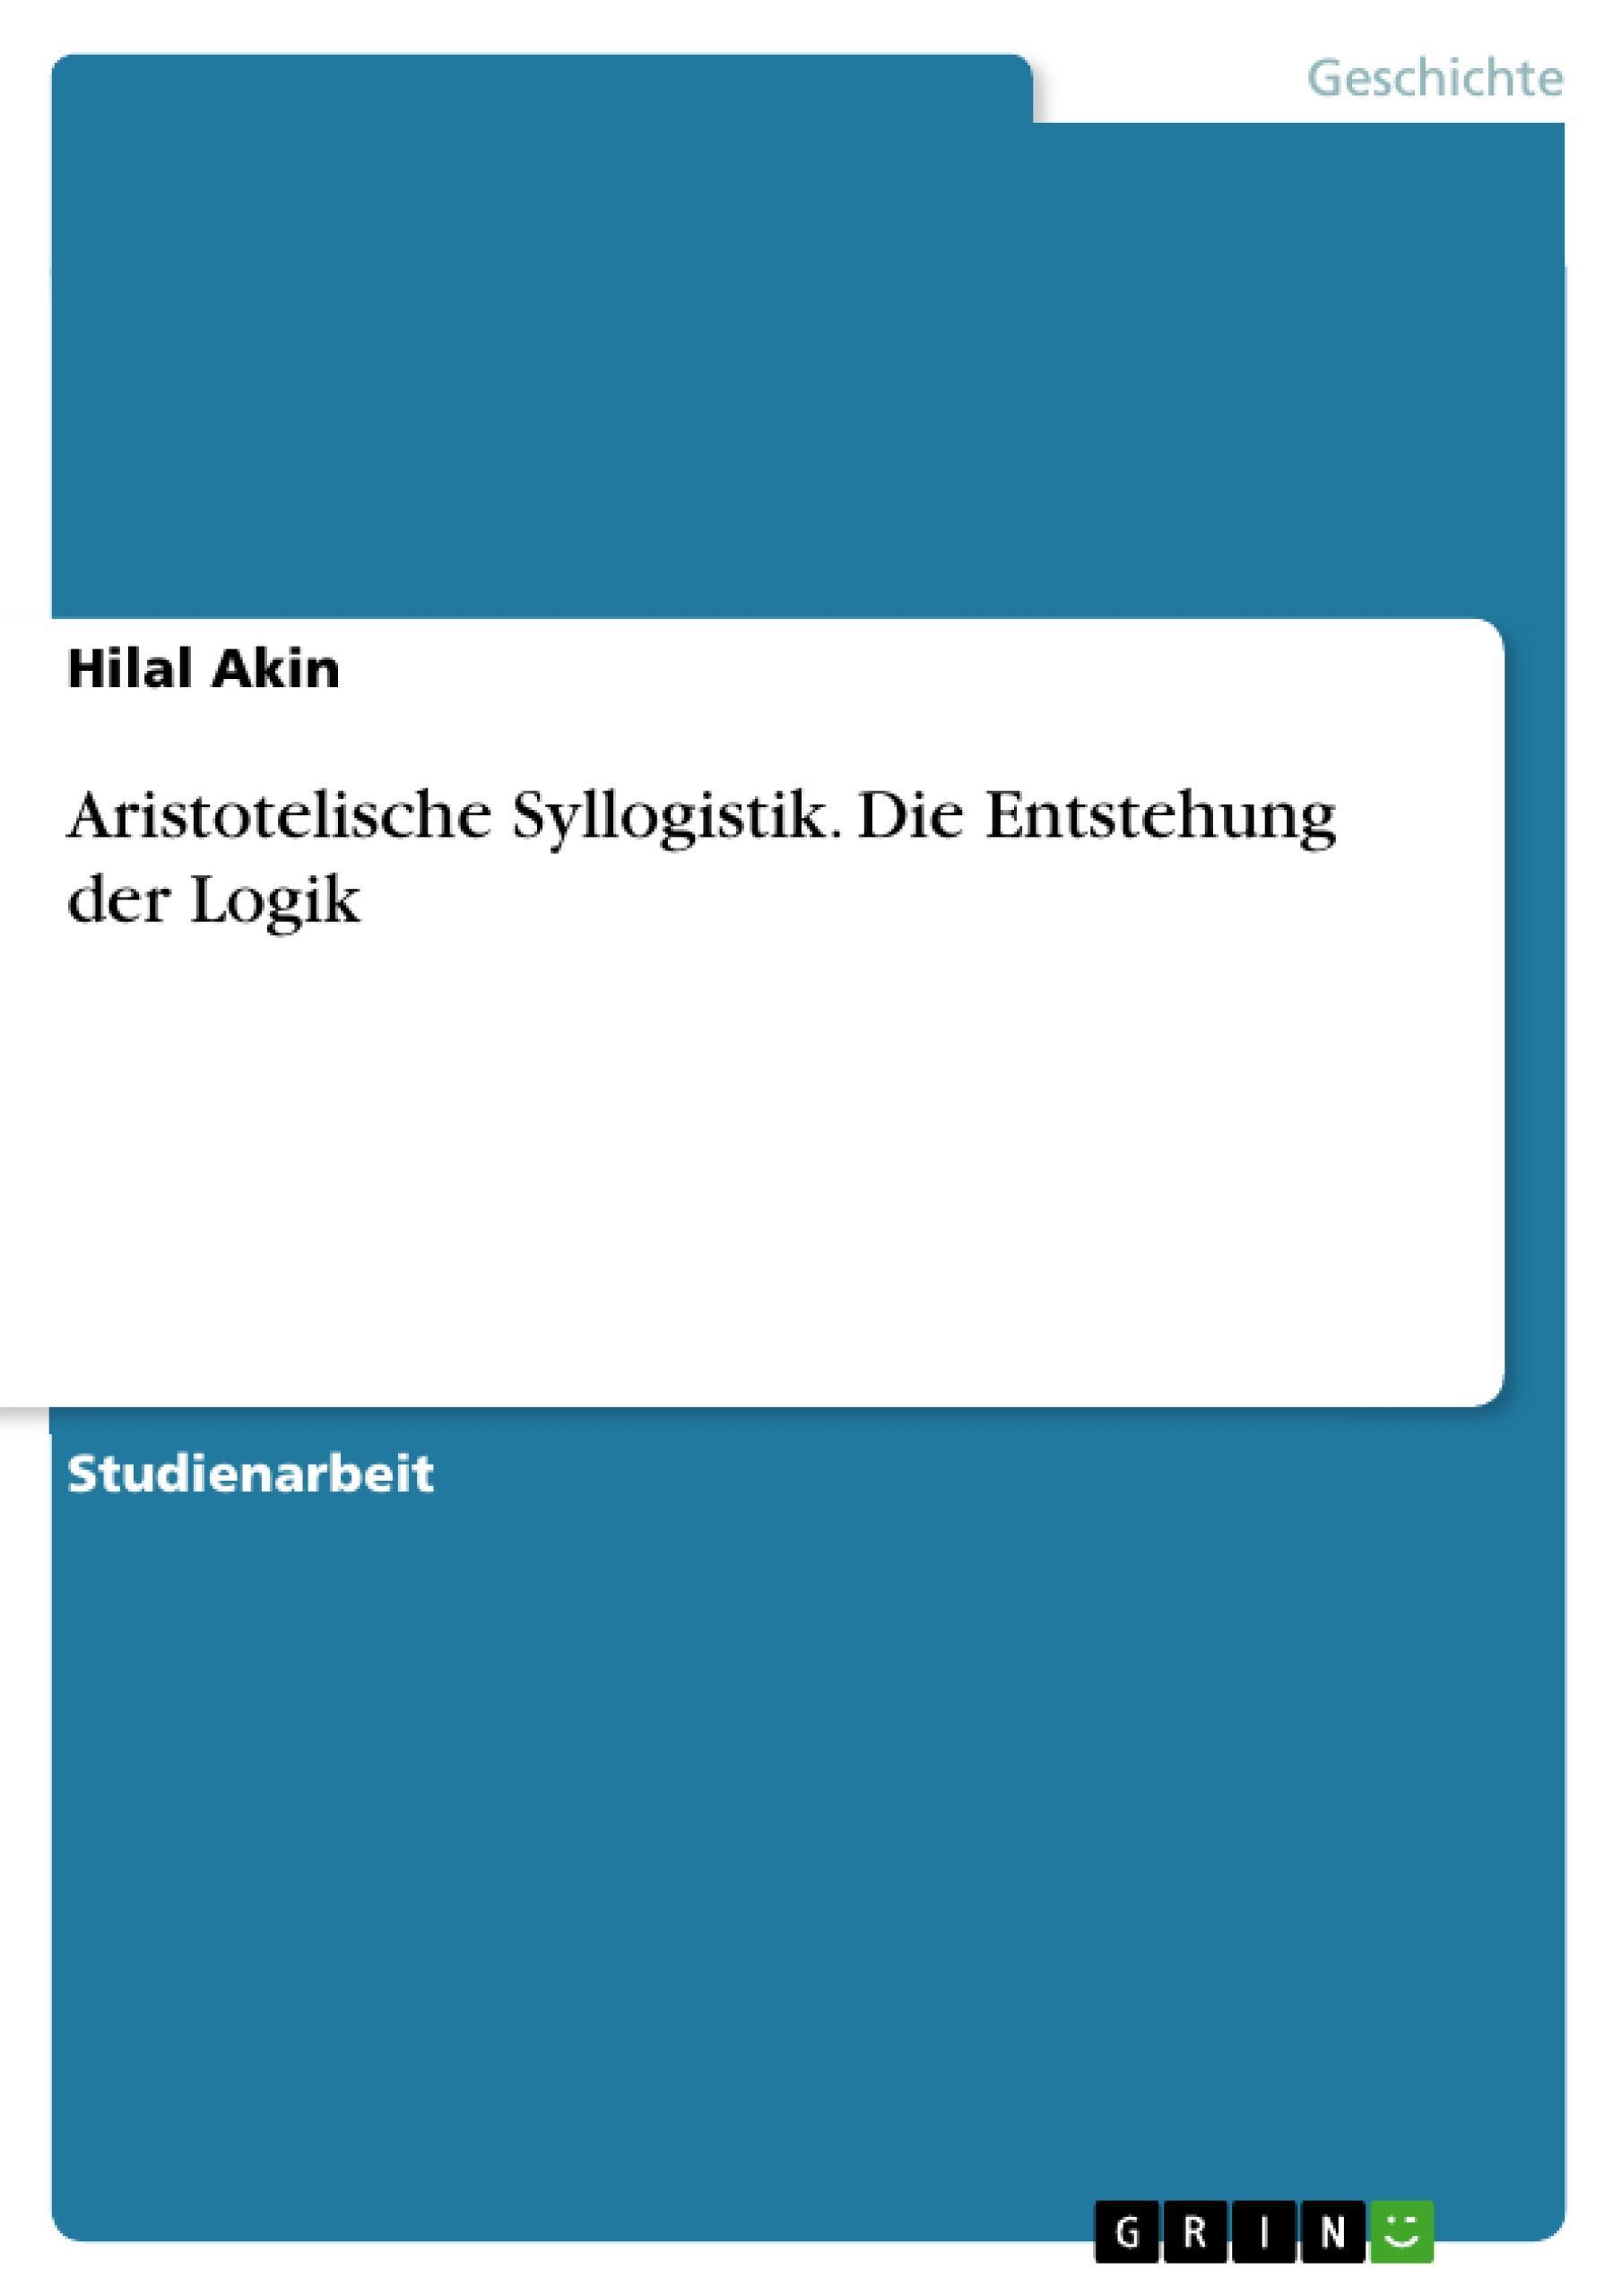 Aristotelische Syllogistik. Die Entstehung der Logik Hilal Akin